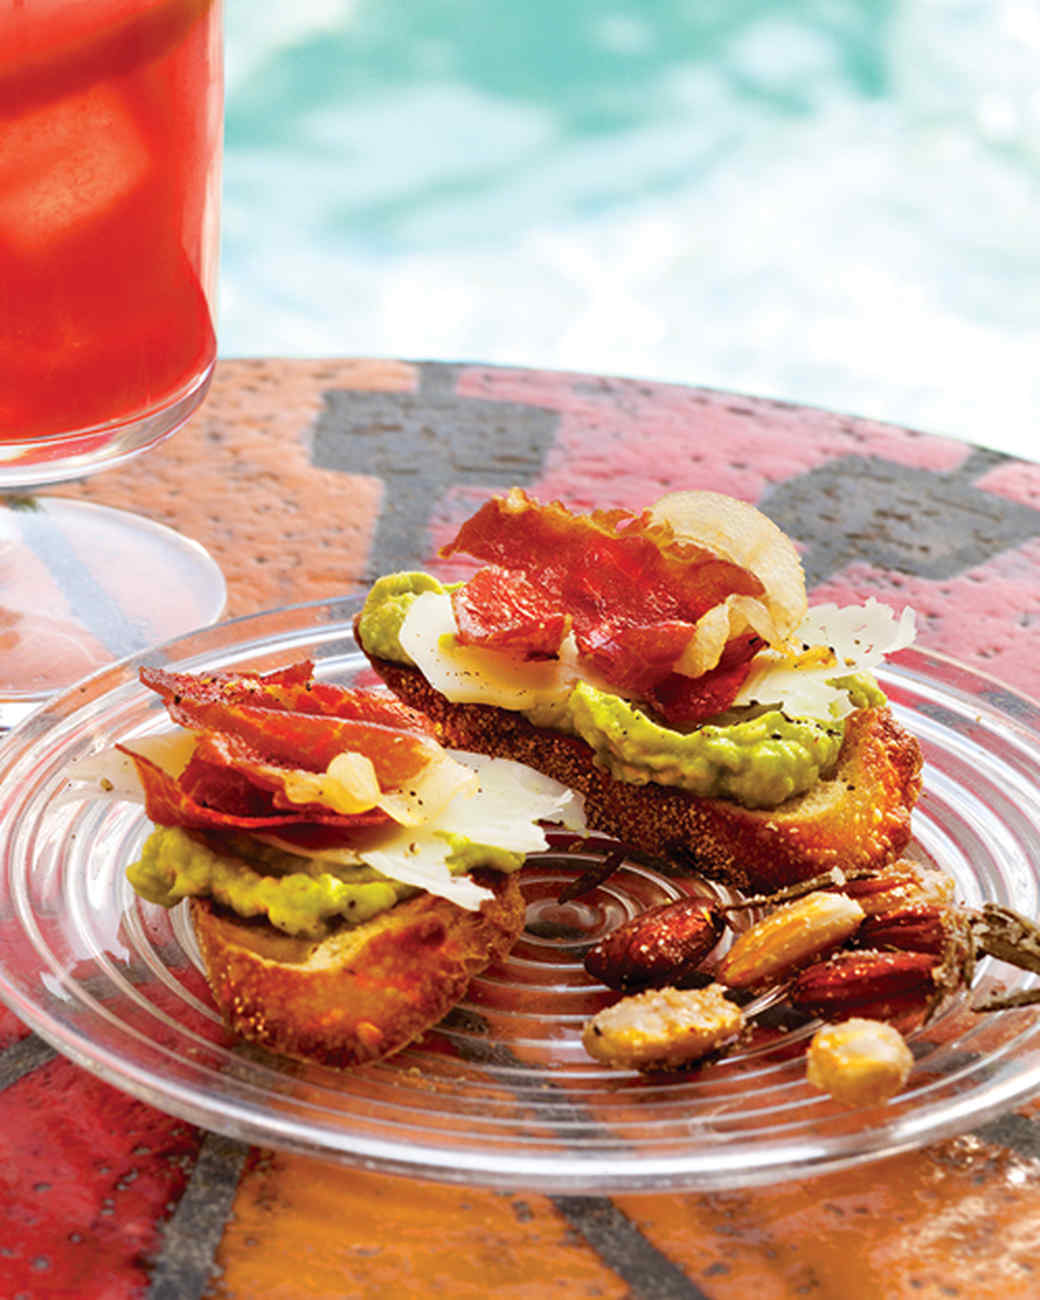 Crisped-Prosciutto and Avocado Crostini